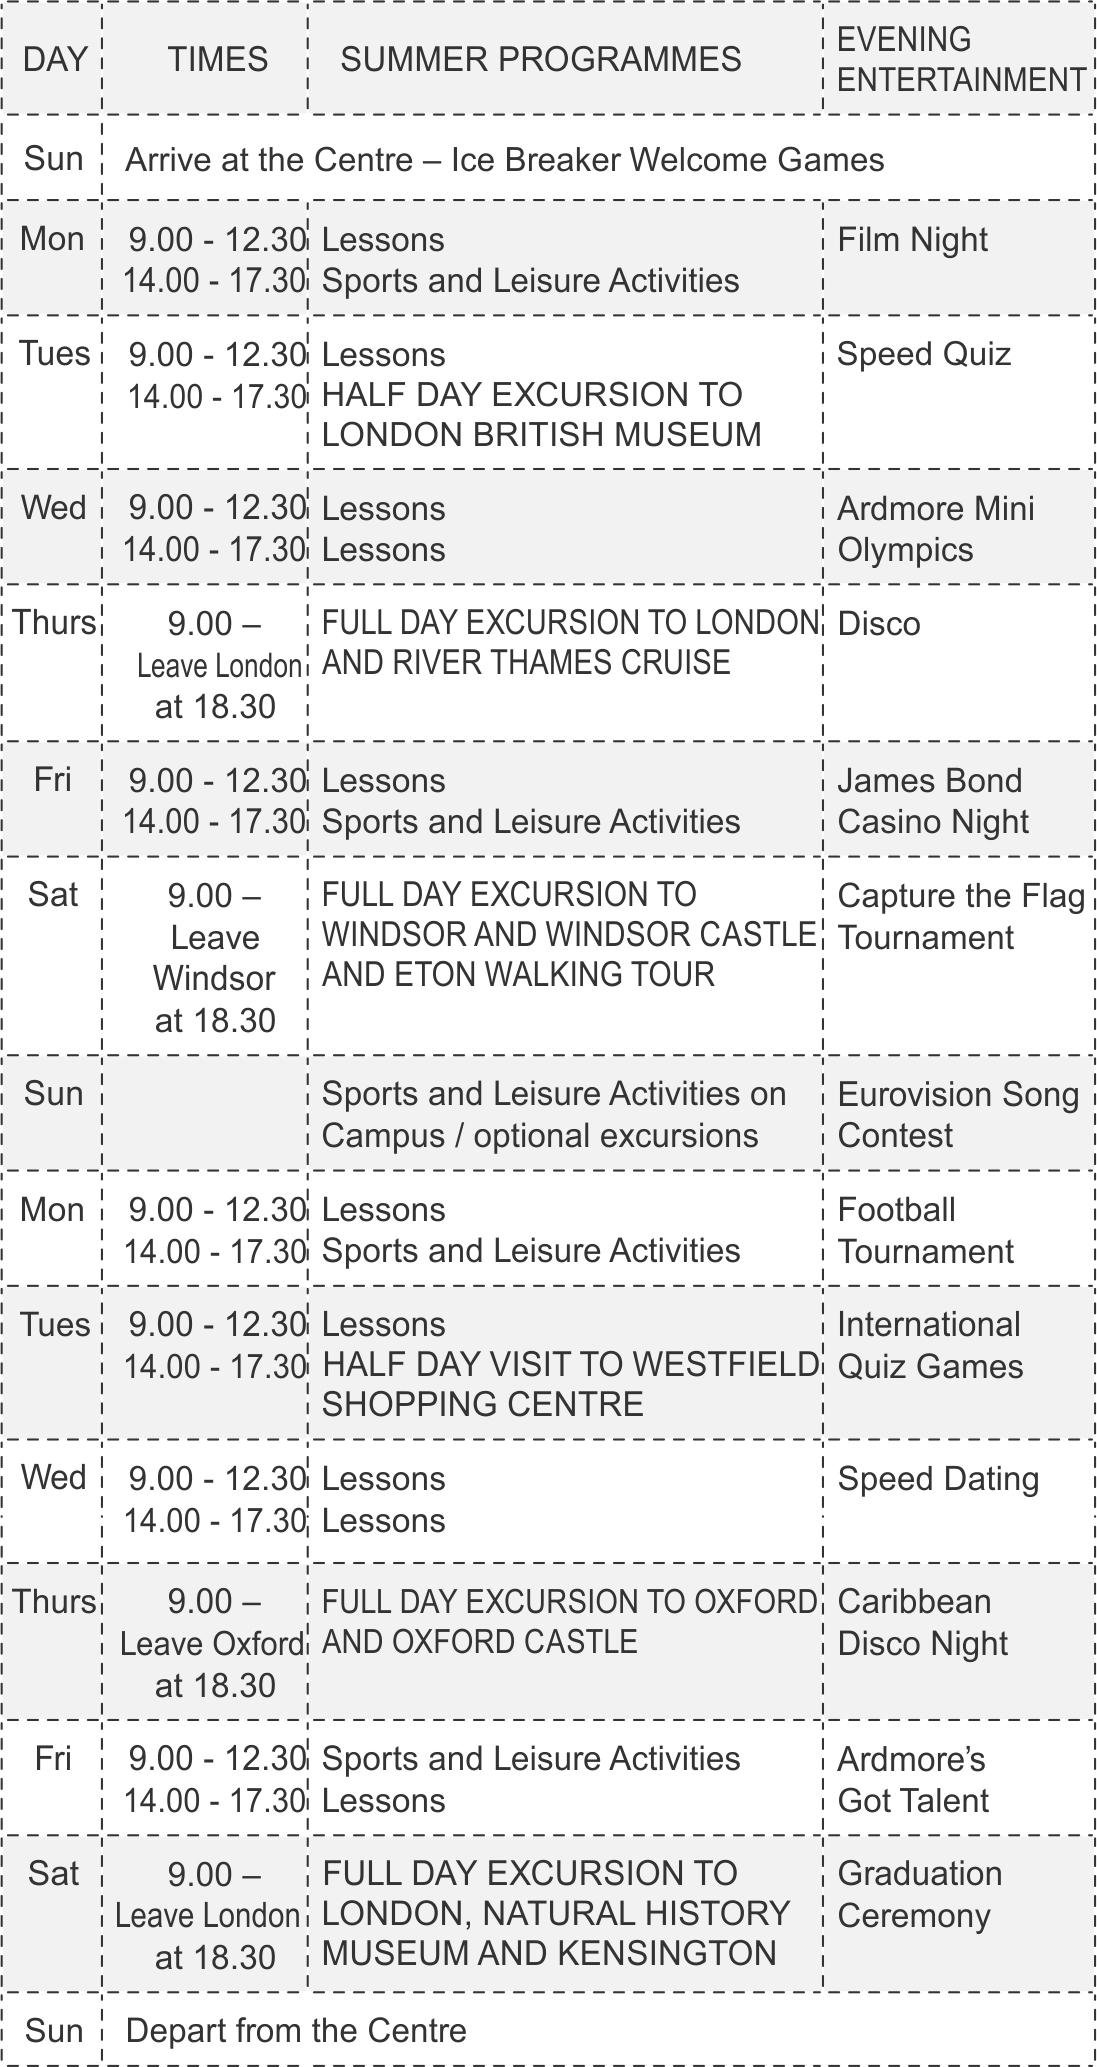 Brunel расписание